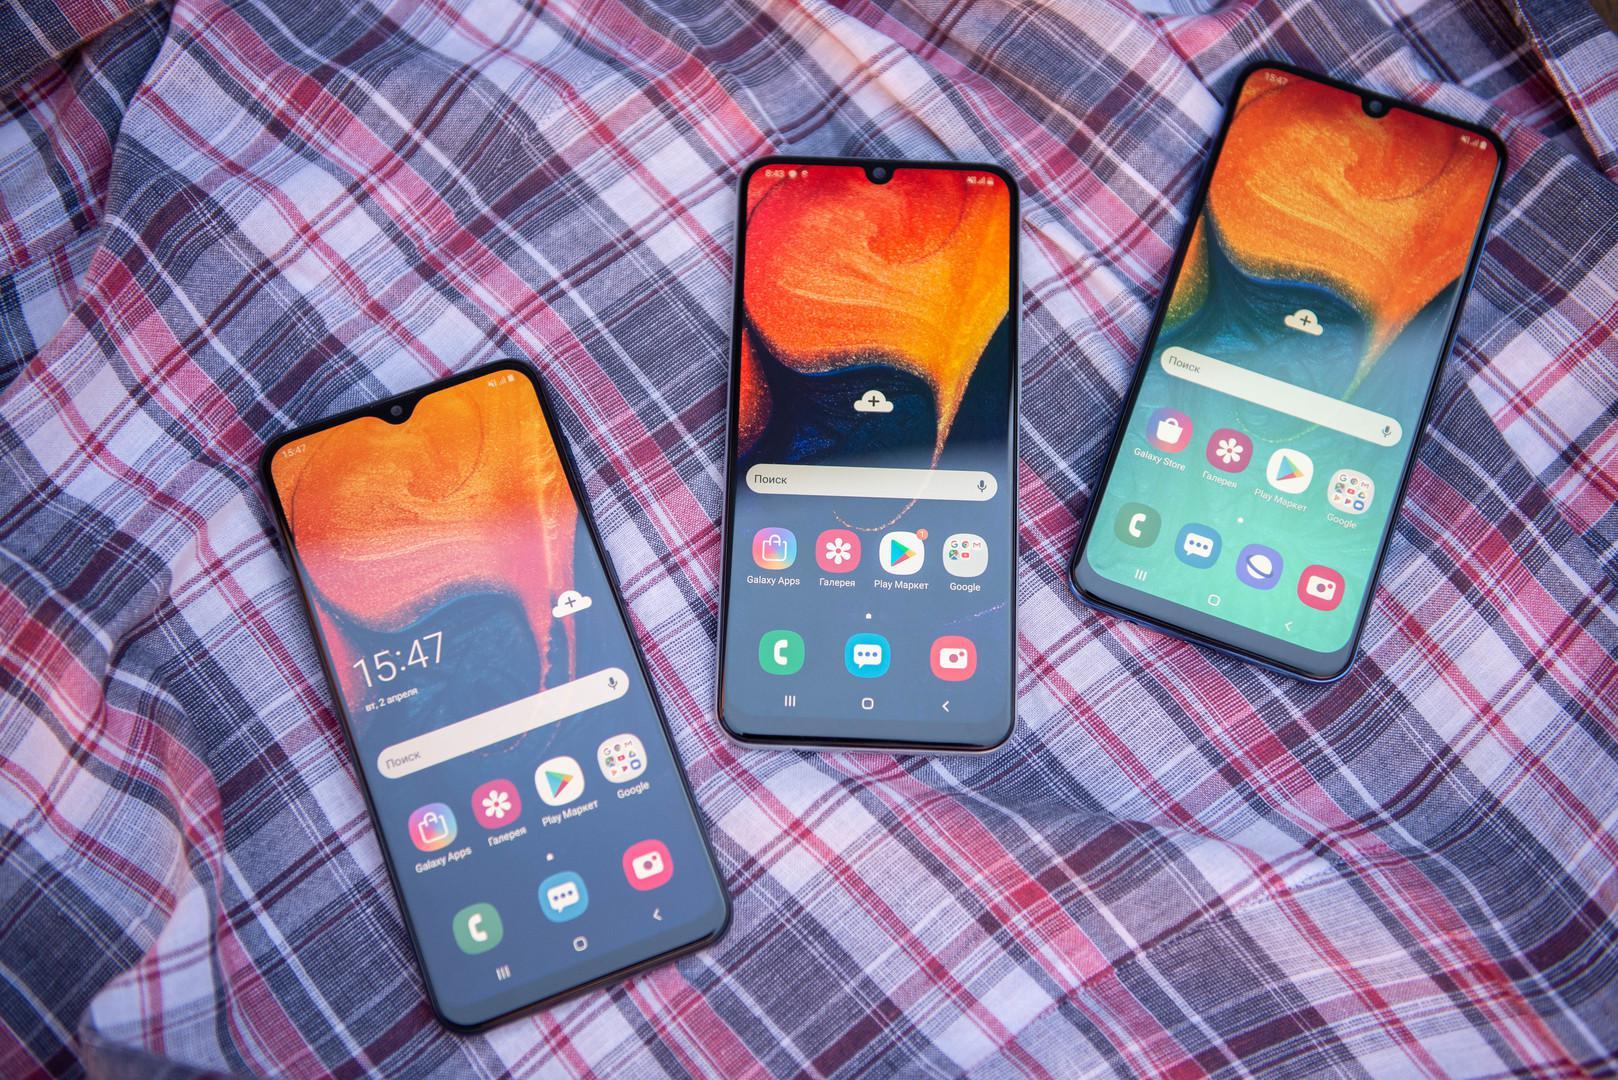 Samsung Galaxy A10, A20, A50